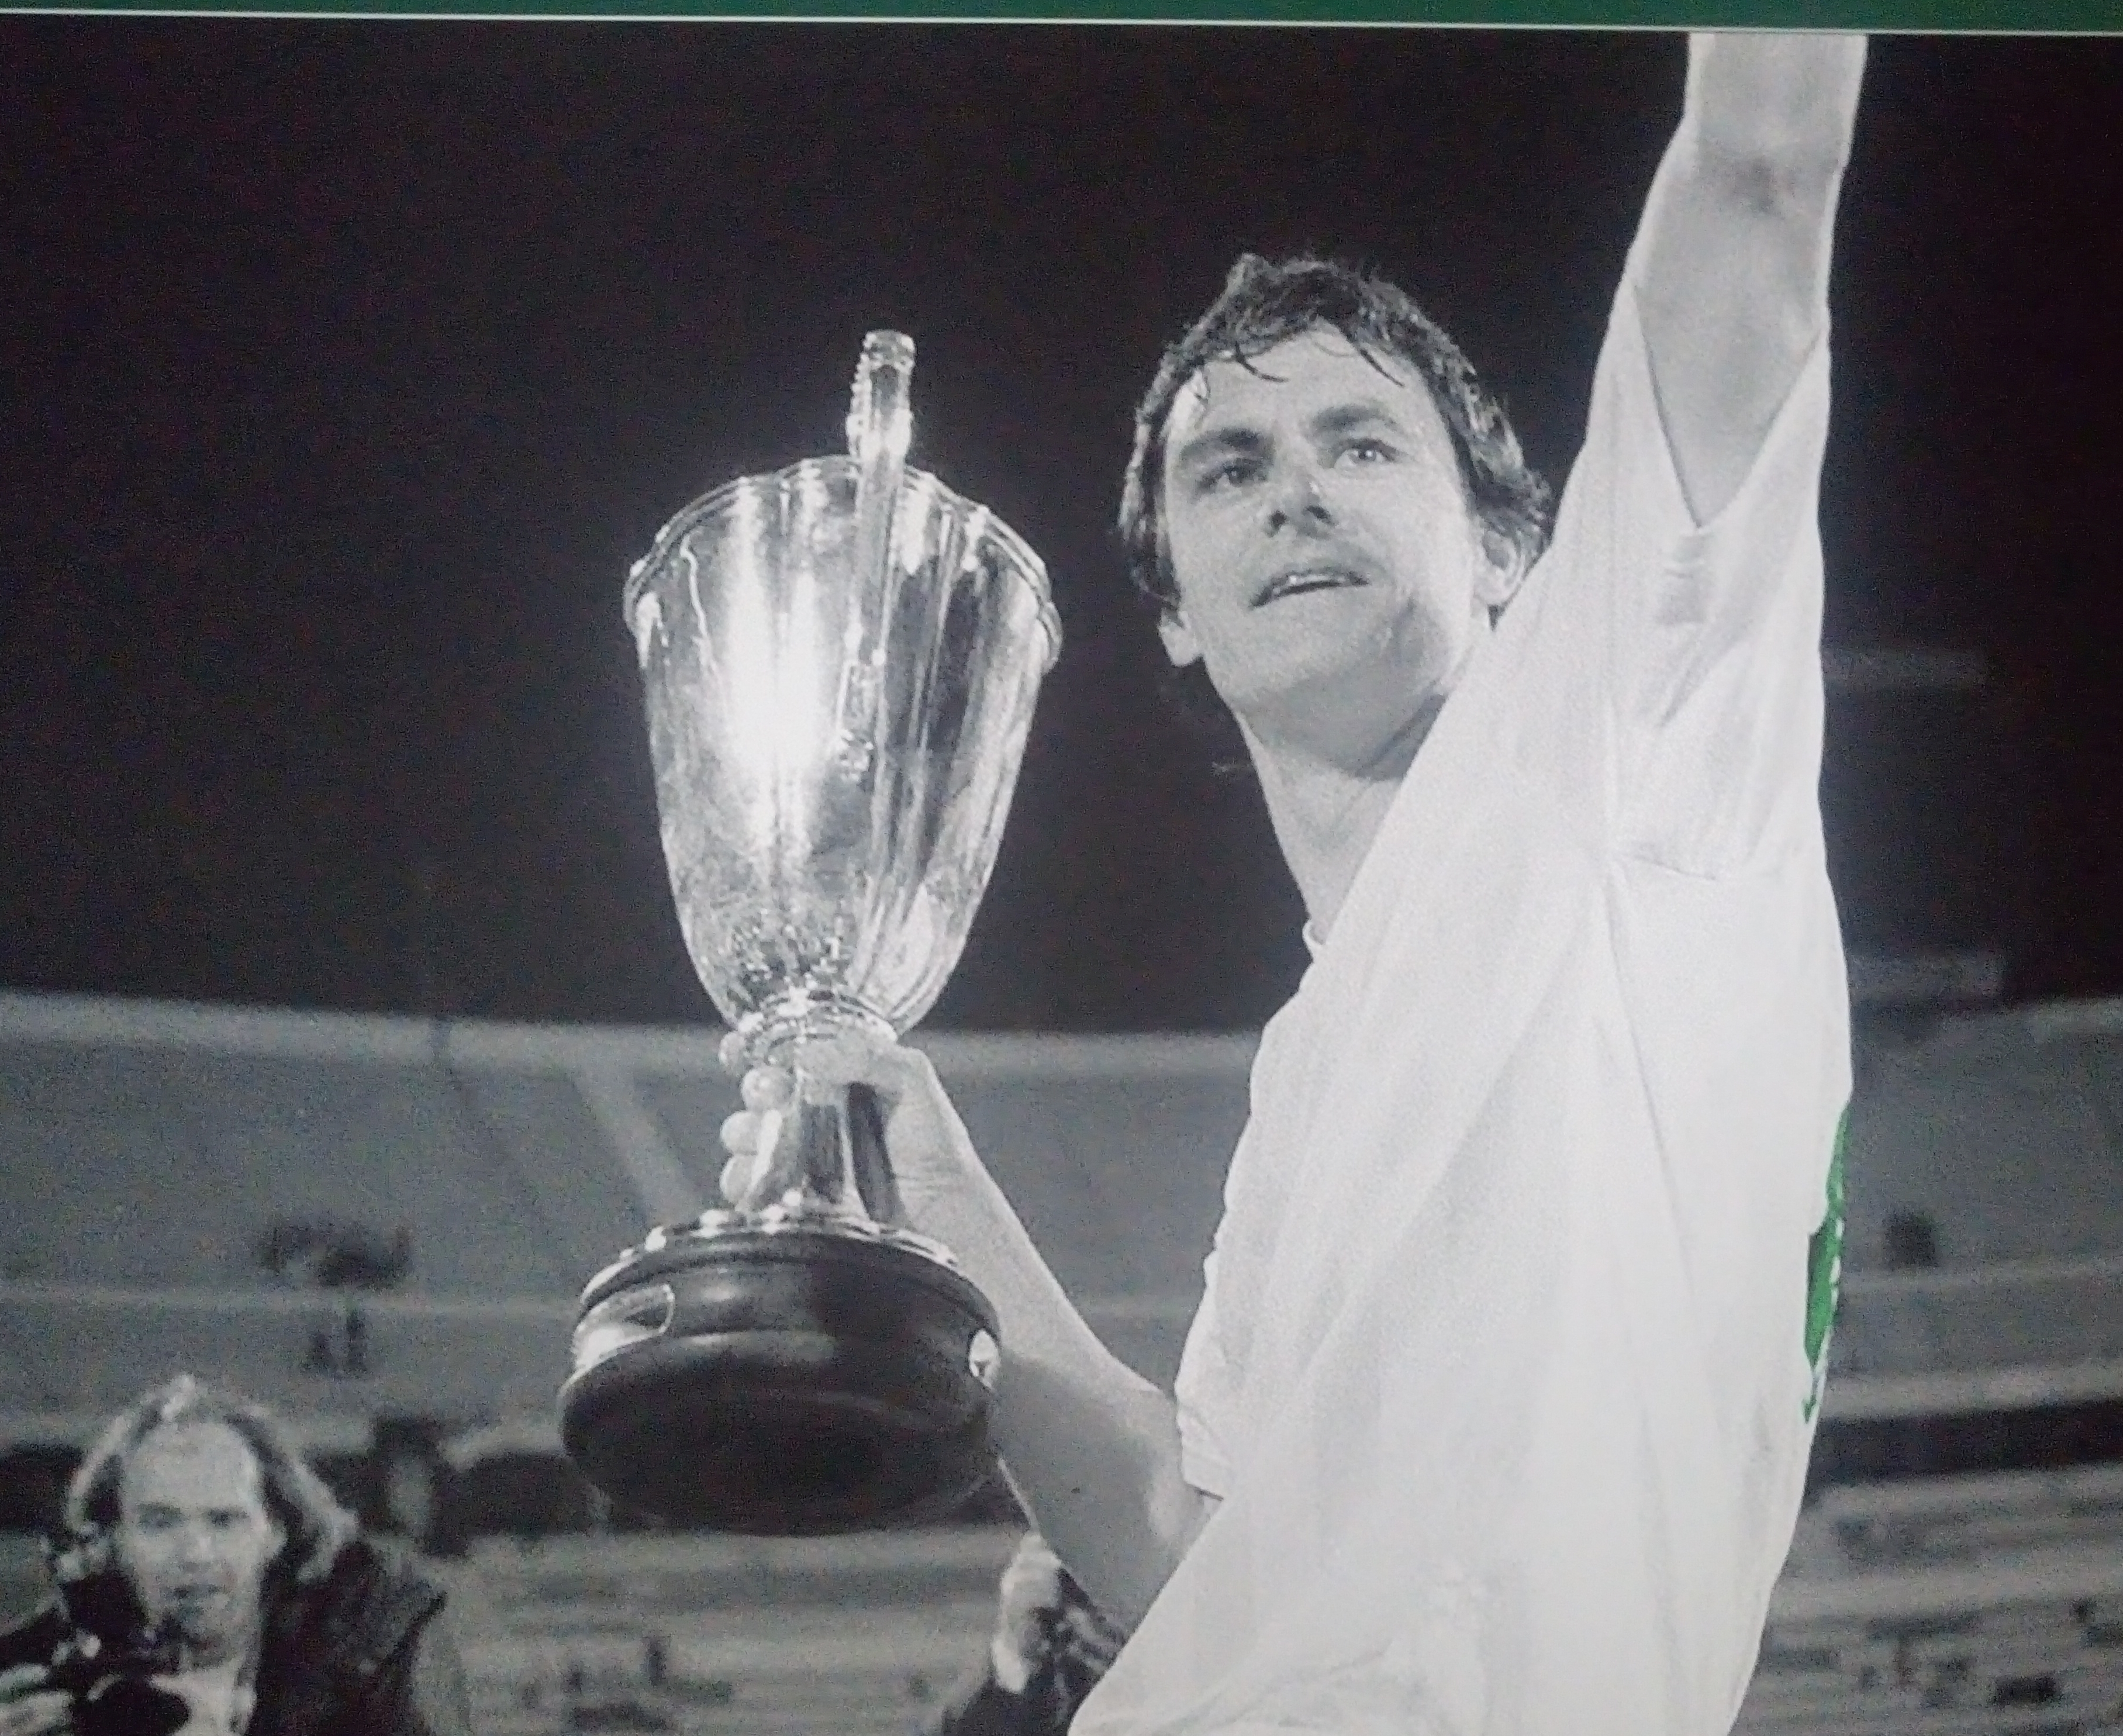 Wynton Rufer mit dem Europapokal der Pokalsieger im Weserstadion